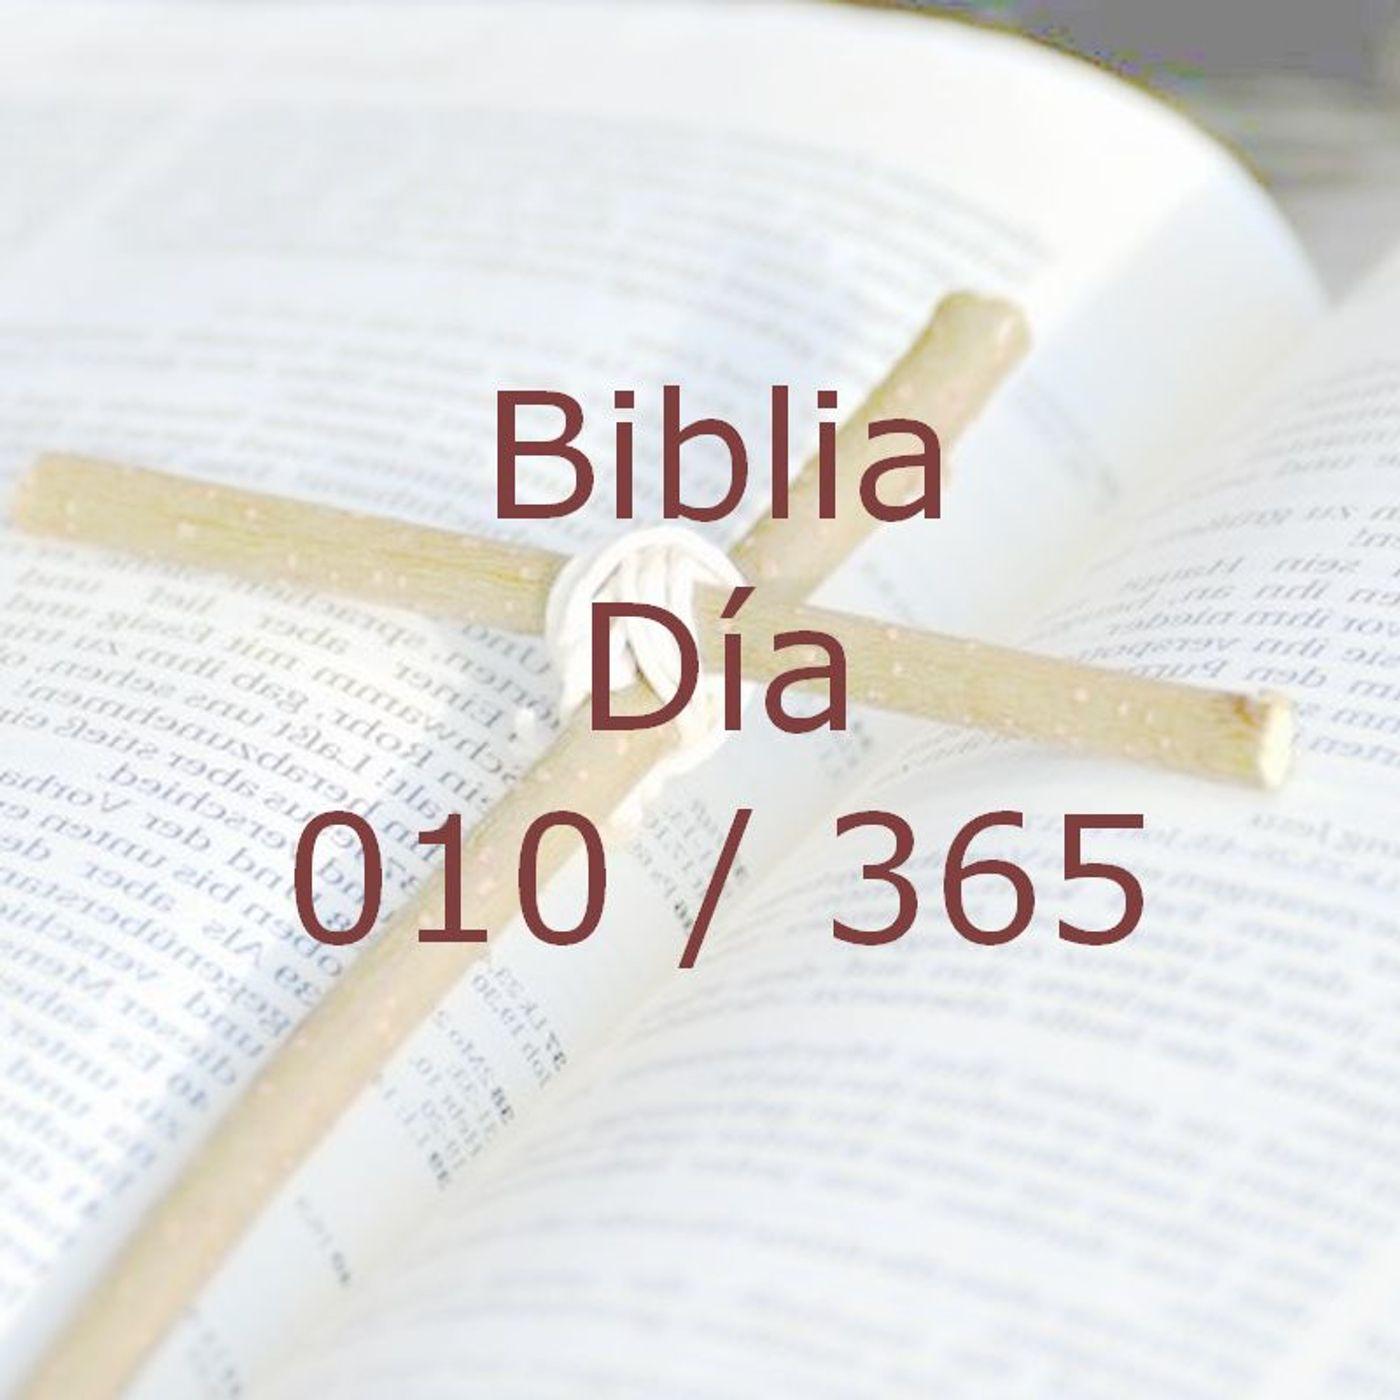 365 dias para la Biblia - Día 010